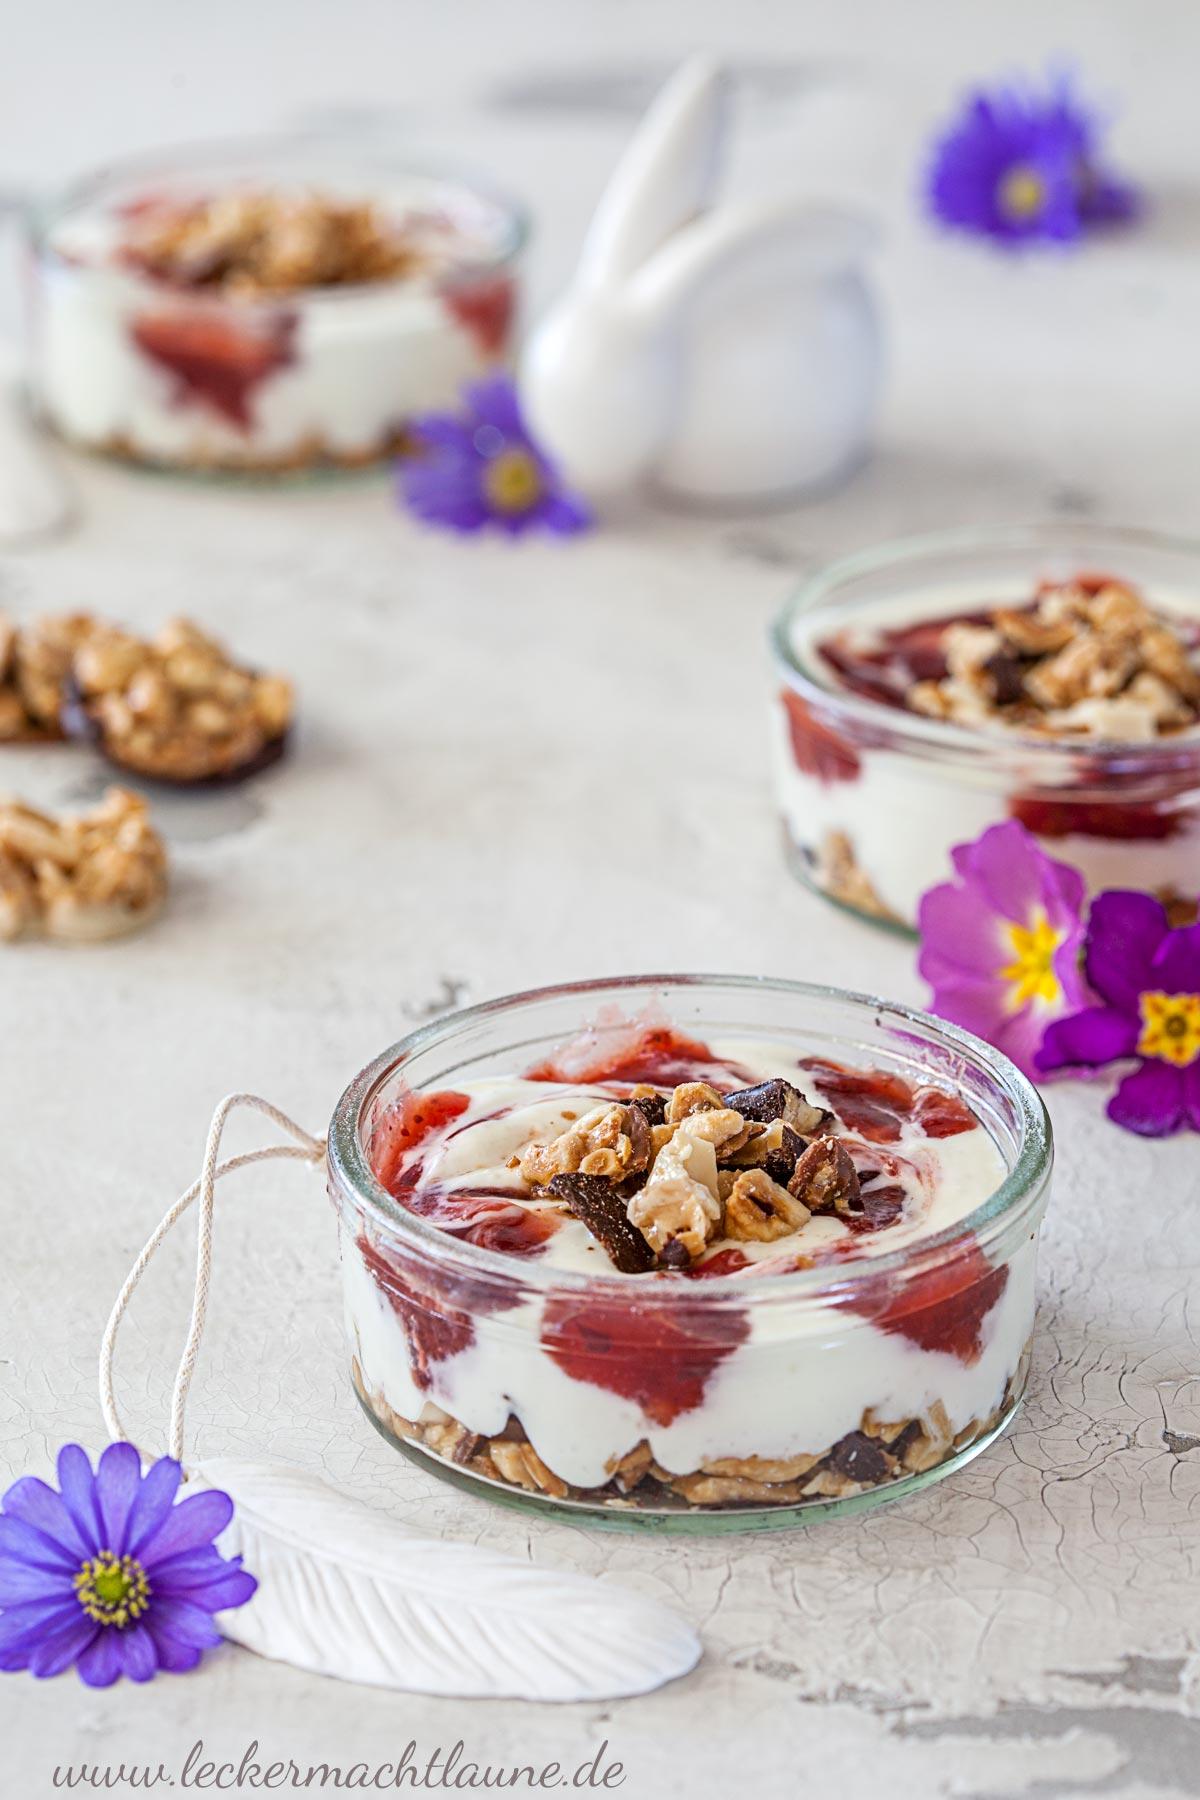 Florentiner-Erdbeer-Dessert {osterschmaus} | lecker macht laune